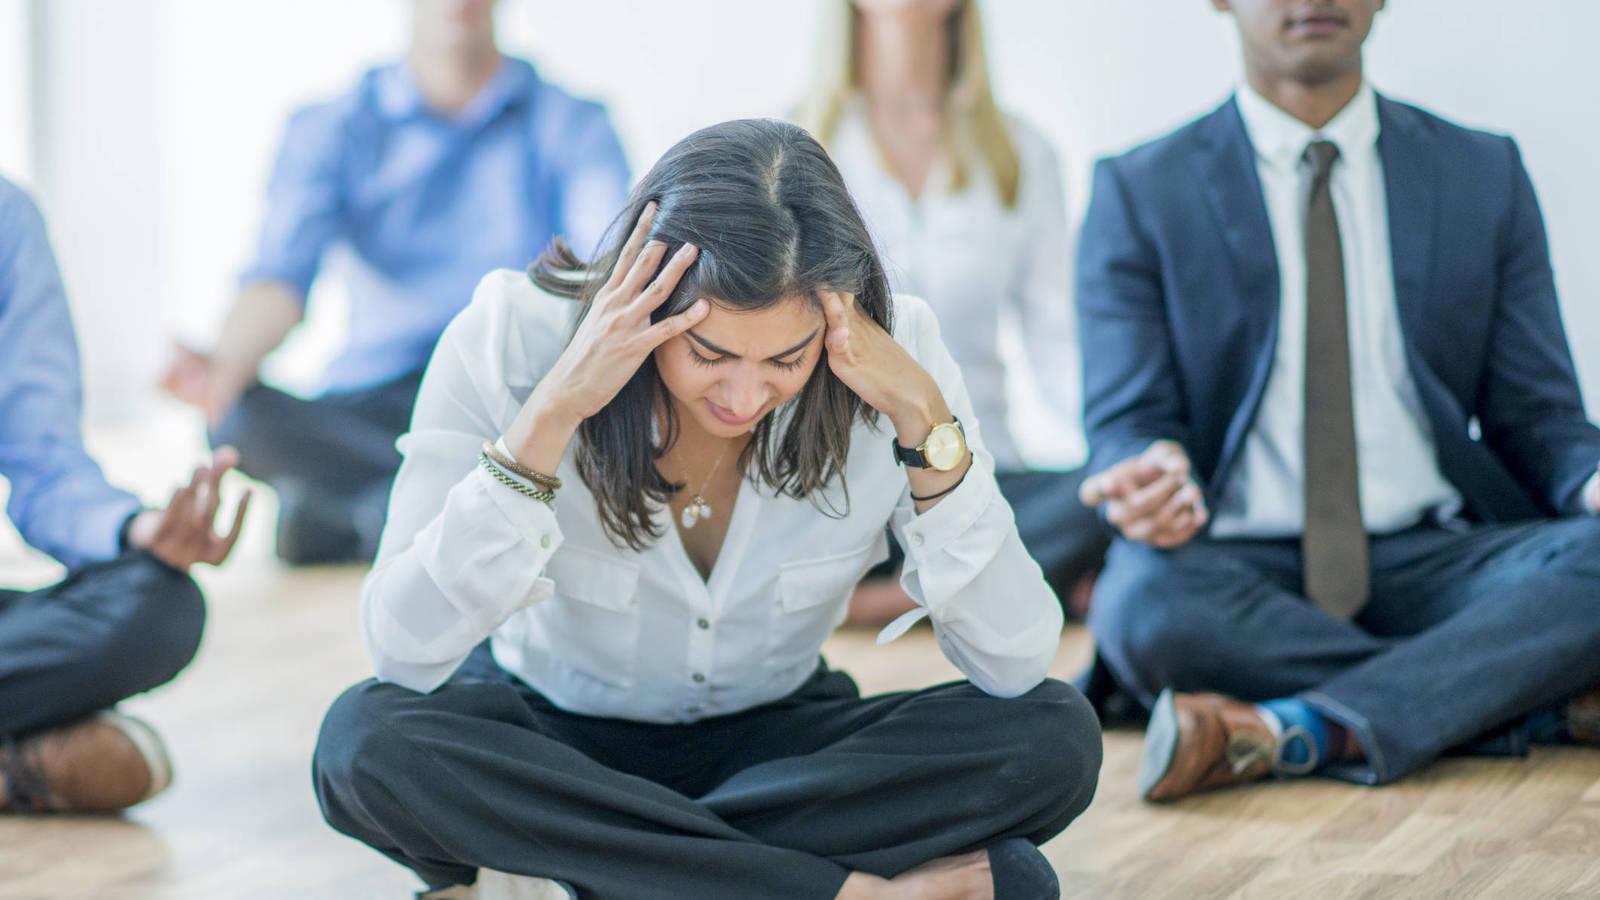 El camino para encontrar la estabilidad ante el estrés  y ansiedad, que son motores del desequilibrio emocional